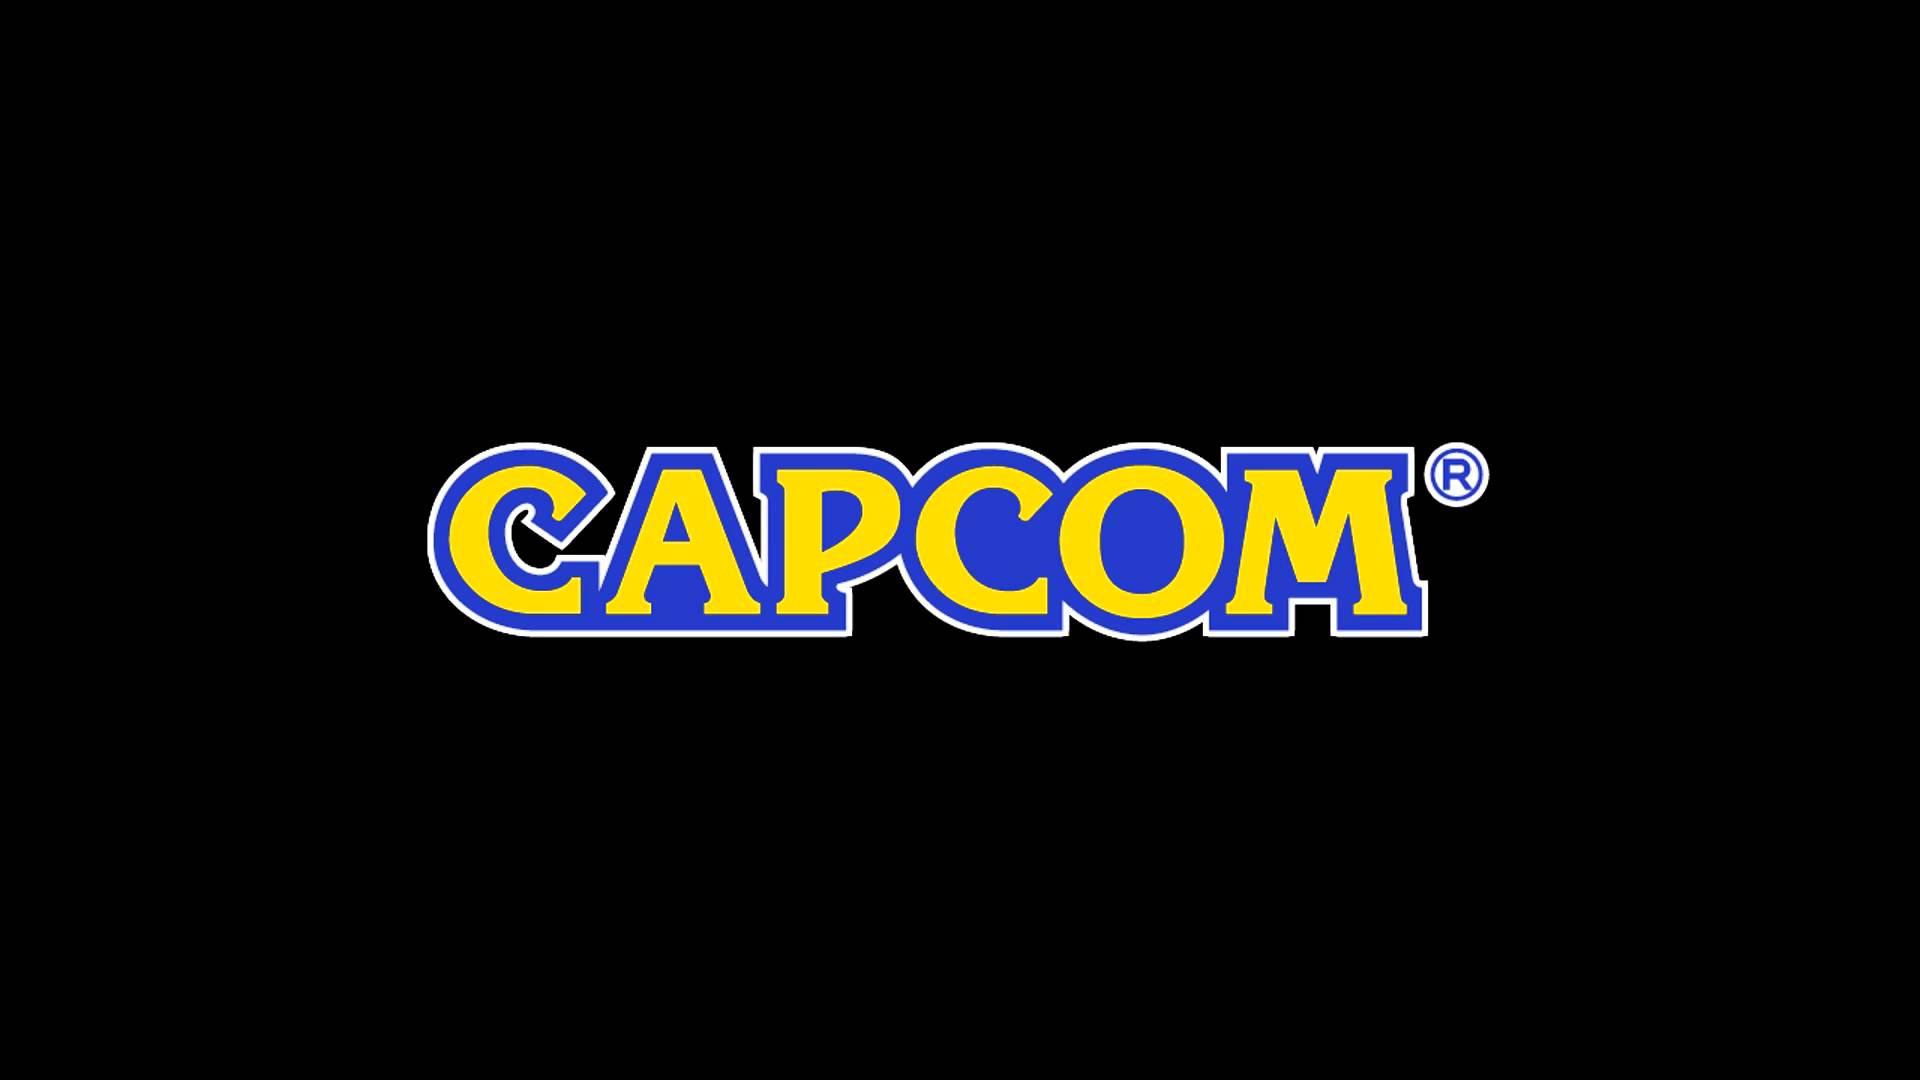 Capcom anunciaría un nuevo juego próximamente, según un rumor 3